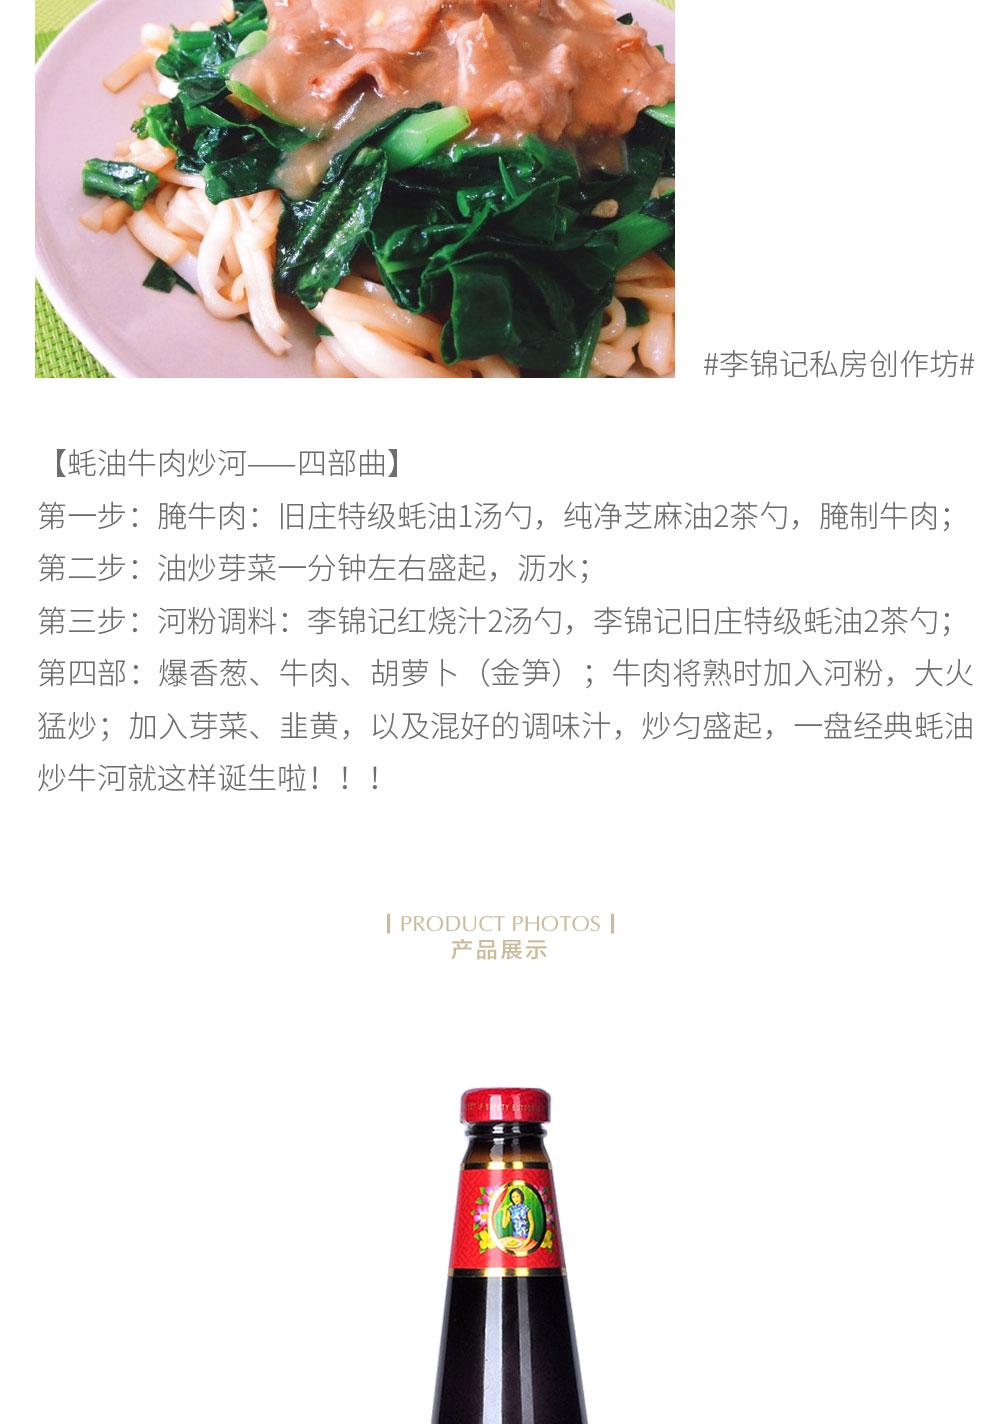 【包邮包税3瓶装】旧庄李锦记蚝油香港特级5DV现场生蚝2015.11.02图片